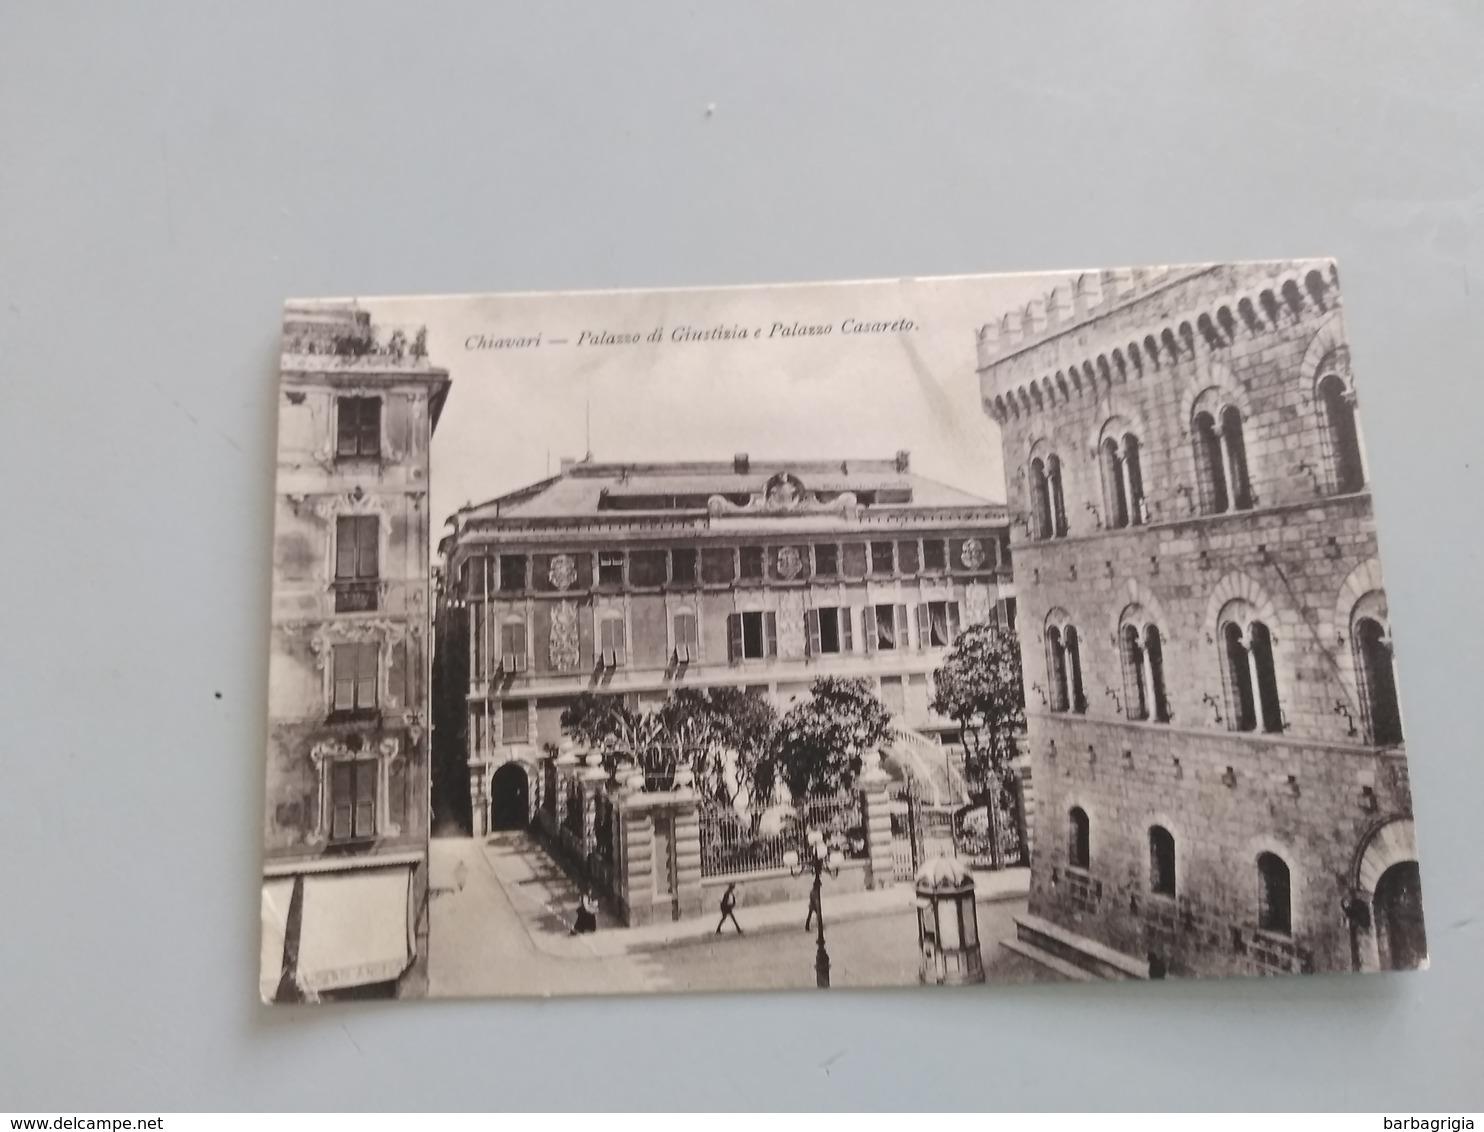 CARTOLINA CHIAVARI - PALAZZO DI GIUSTIZIA E PALAZZO CASARETO - Genova (Genoa)